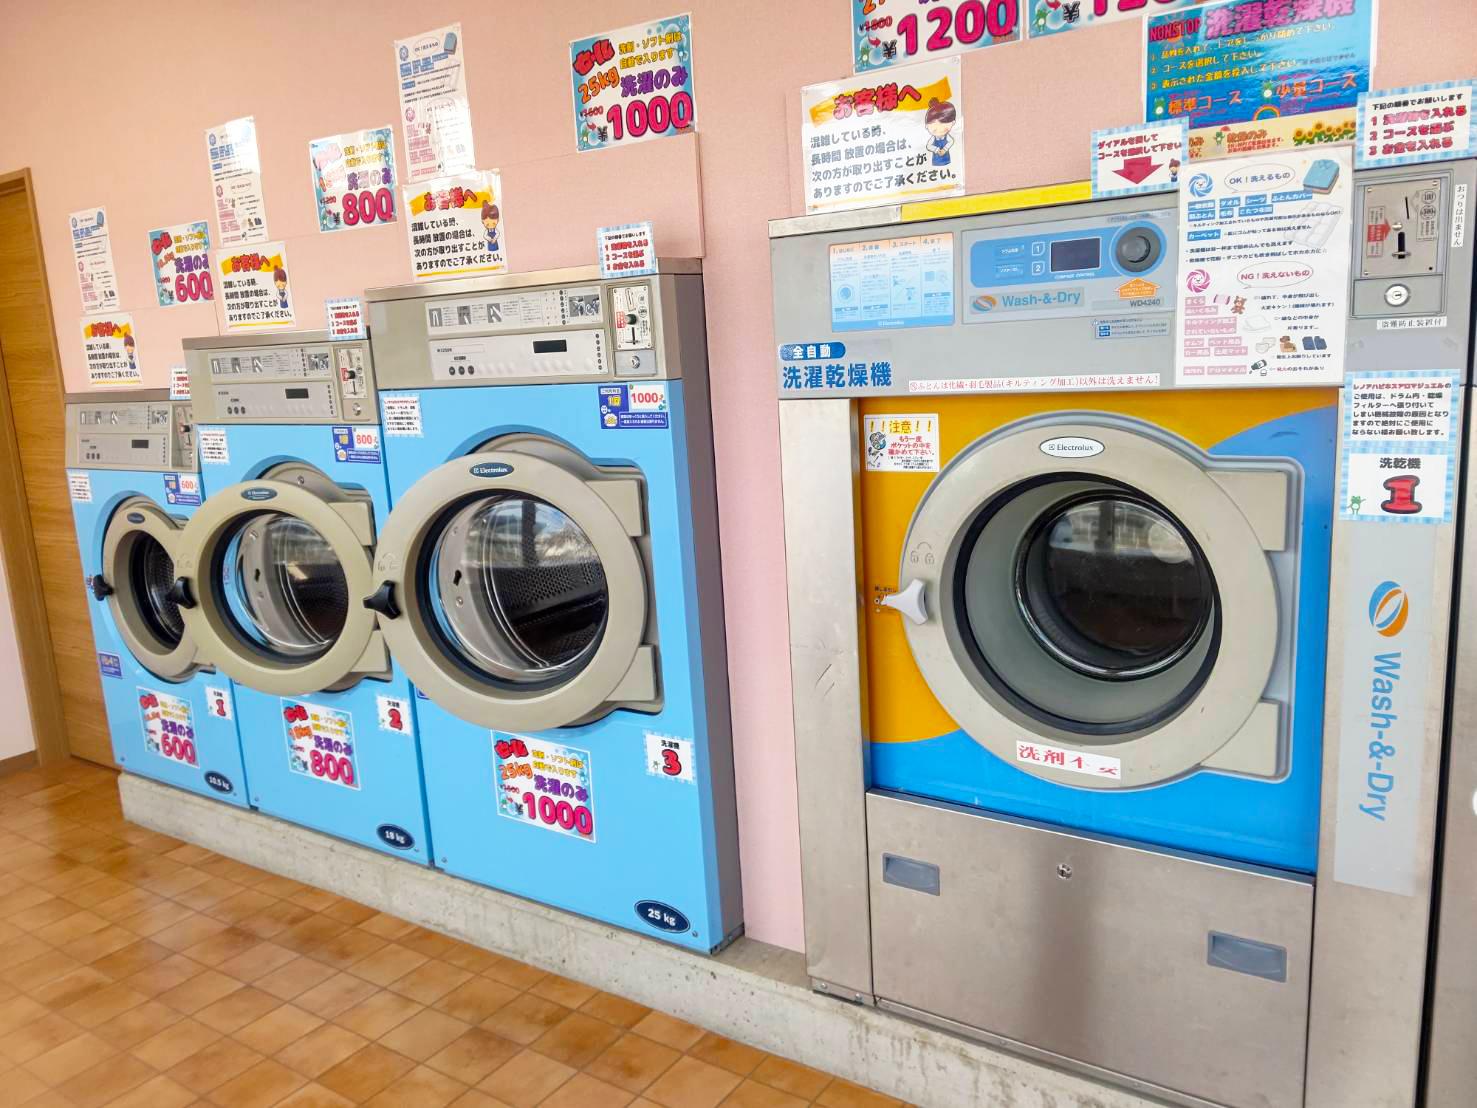 洗濯機3台と洗濯乾燥機1台の合計4台セット(エレクトロラックス)